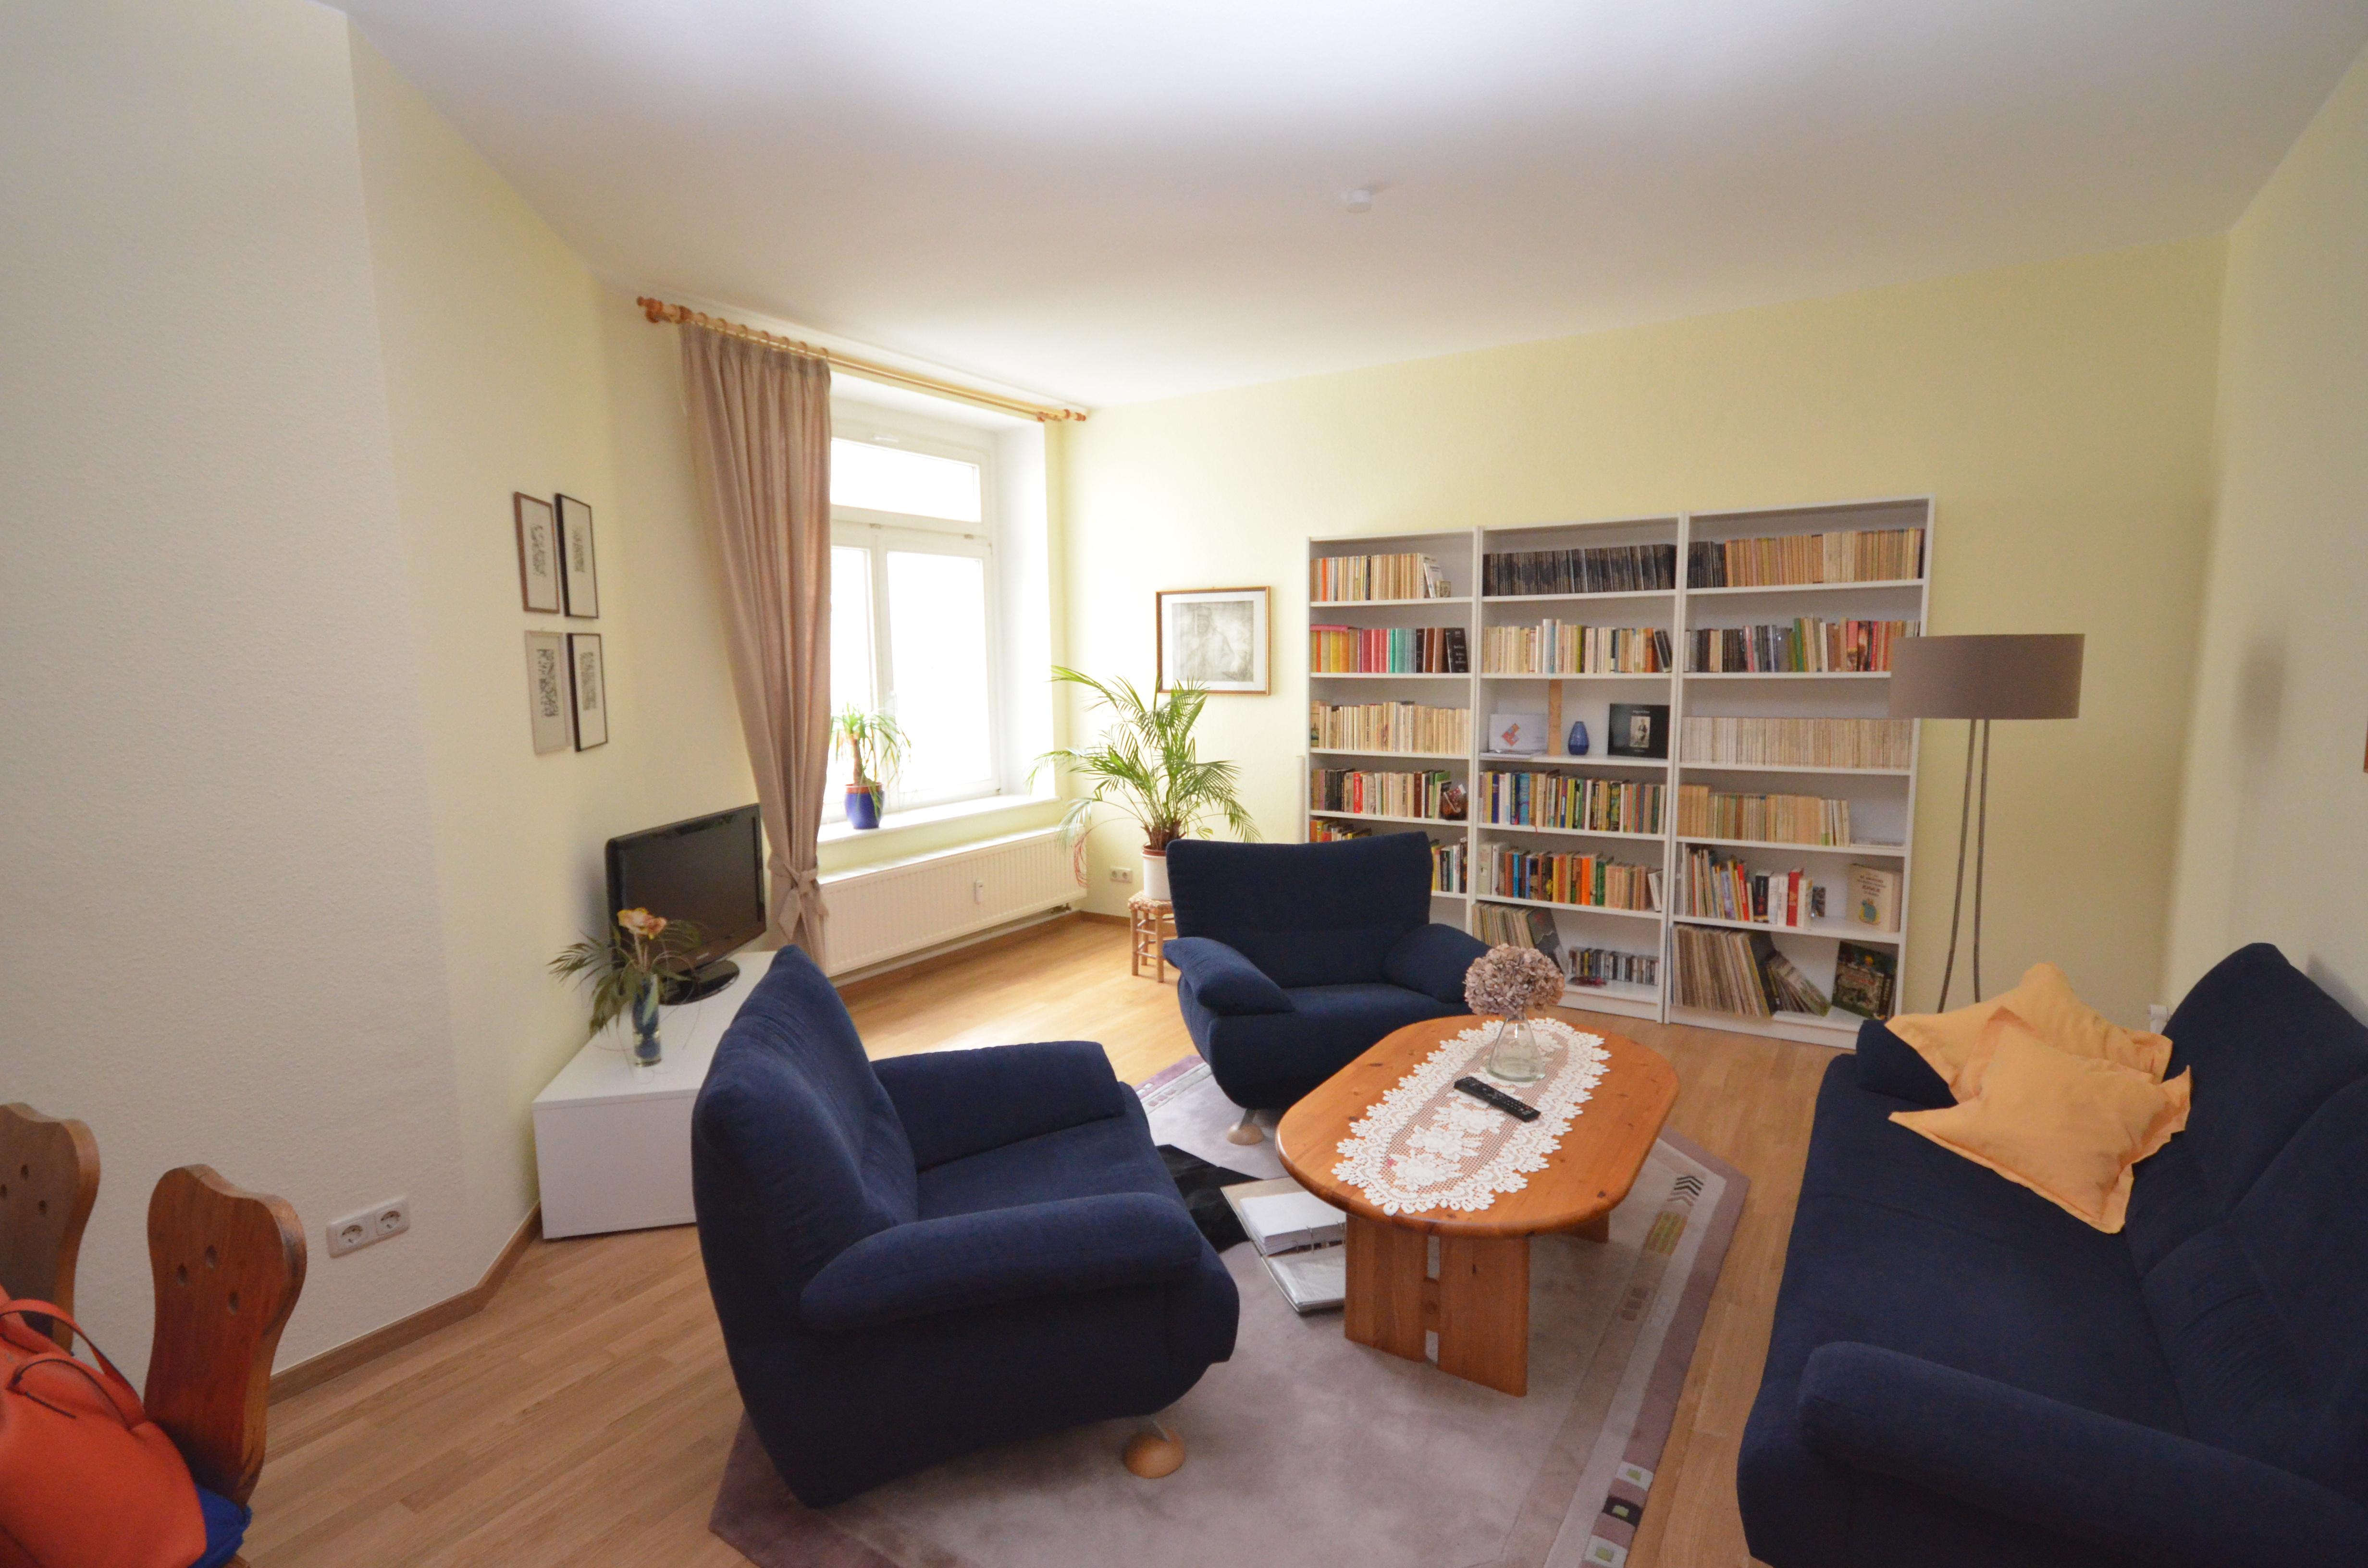 verkauf_eigentumswohnung_etw_berlin_mitte_makler_biesdorf_immobilienvermittlung_immobilienbewertung_immobilienberatung